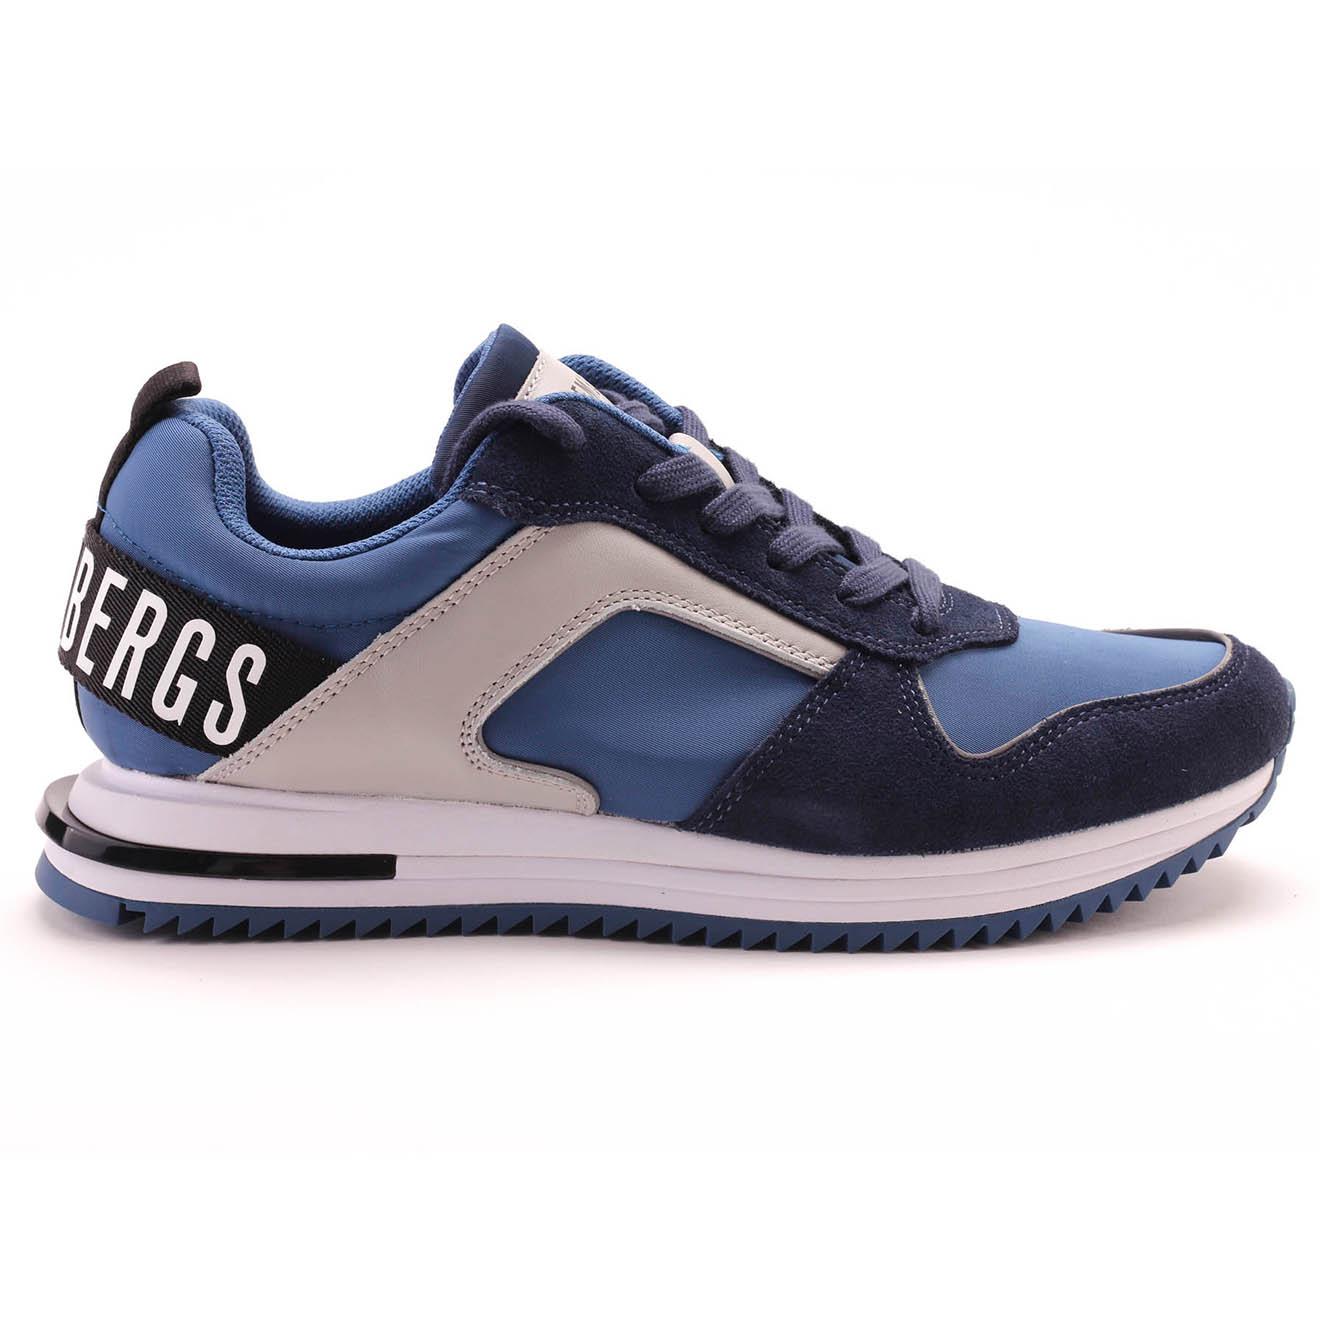 Sneakers Hector en Cuir bleu marine - Bikkembergs - Modalova